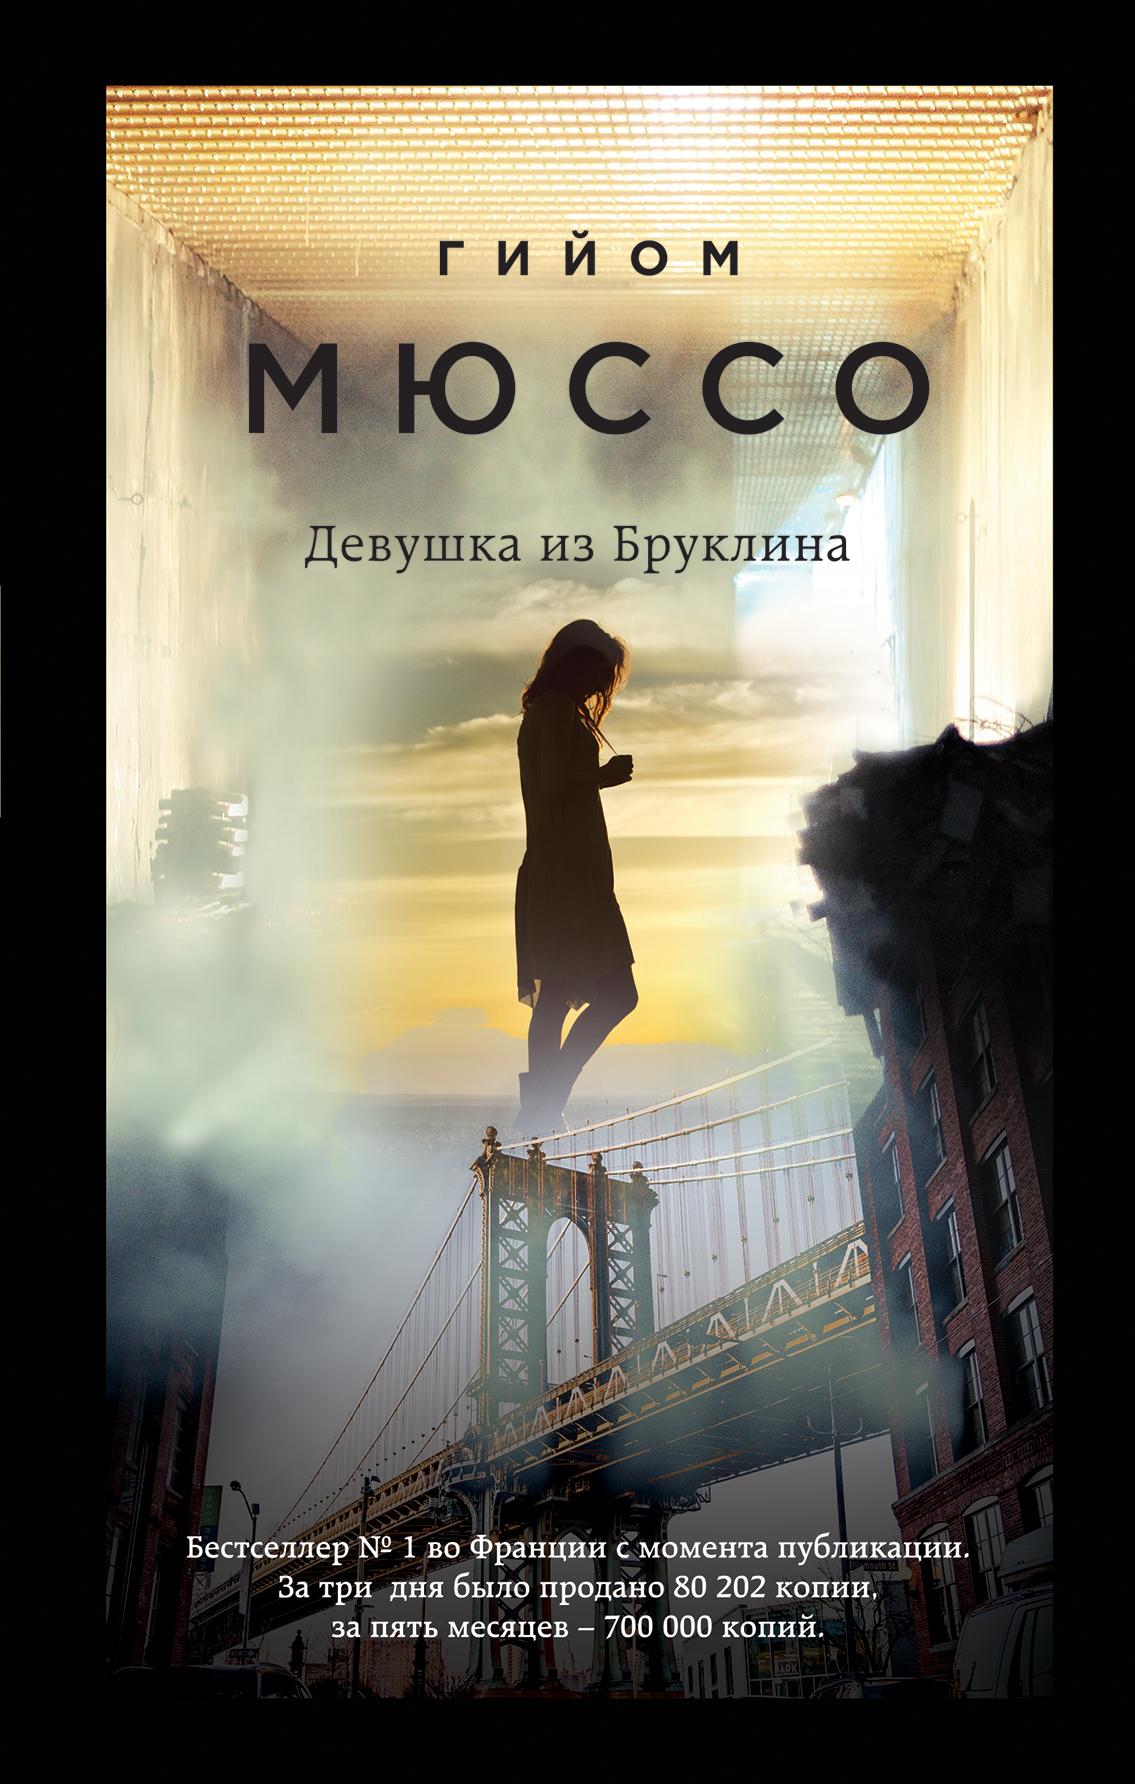 Гийом Мюссо - Девушка из Бруклина